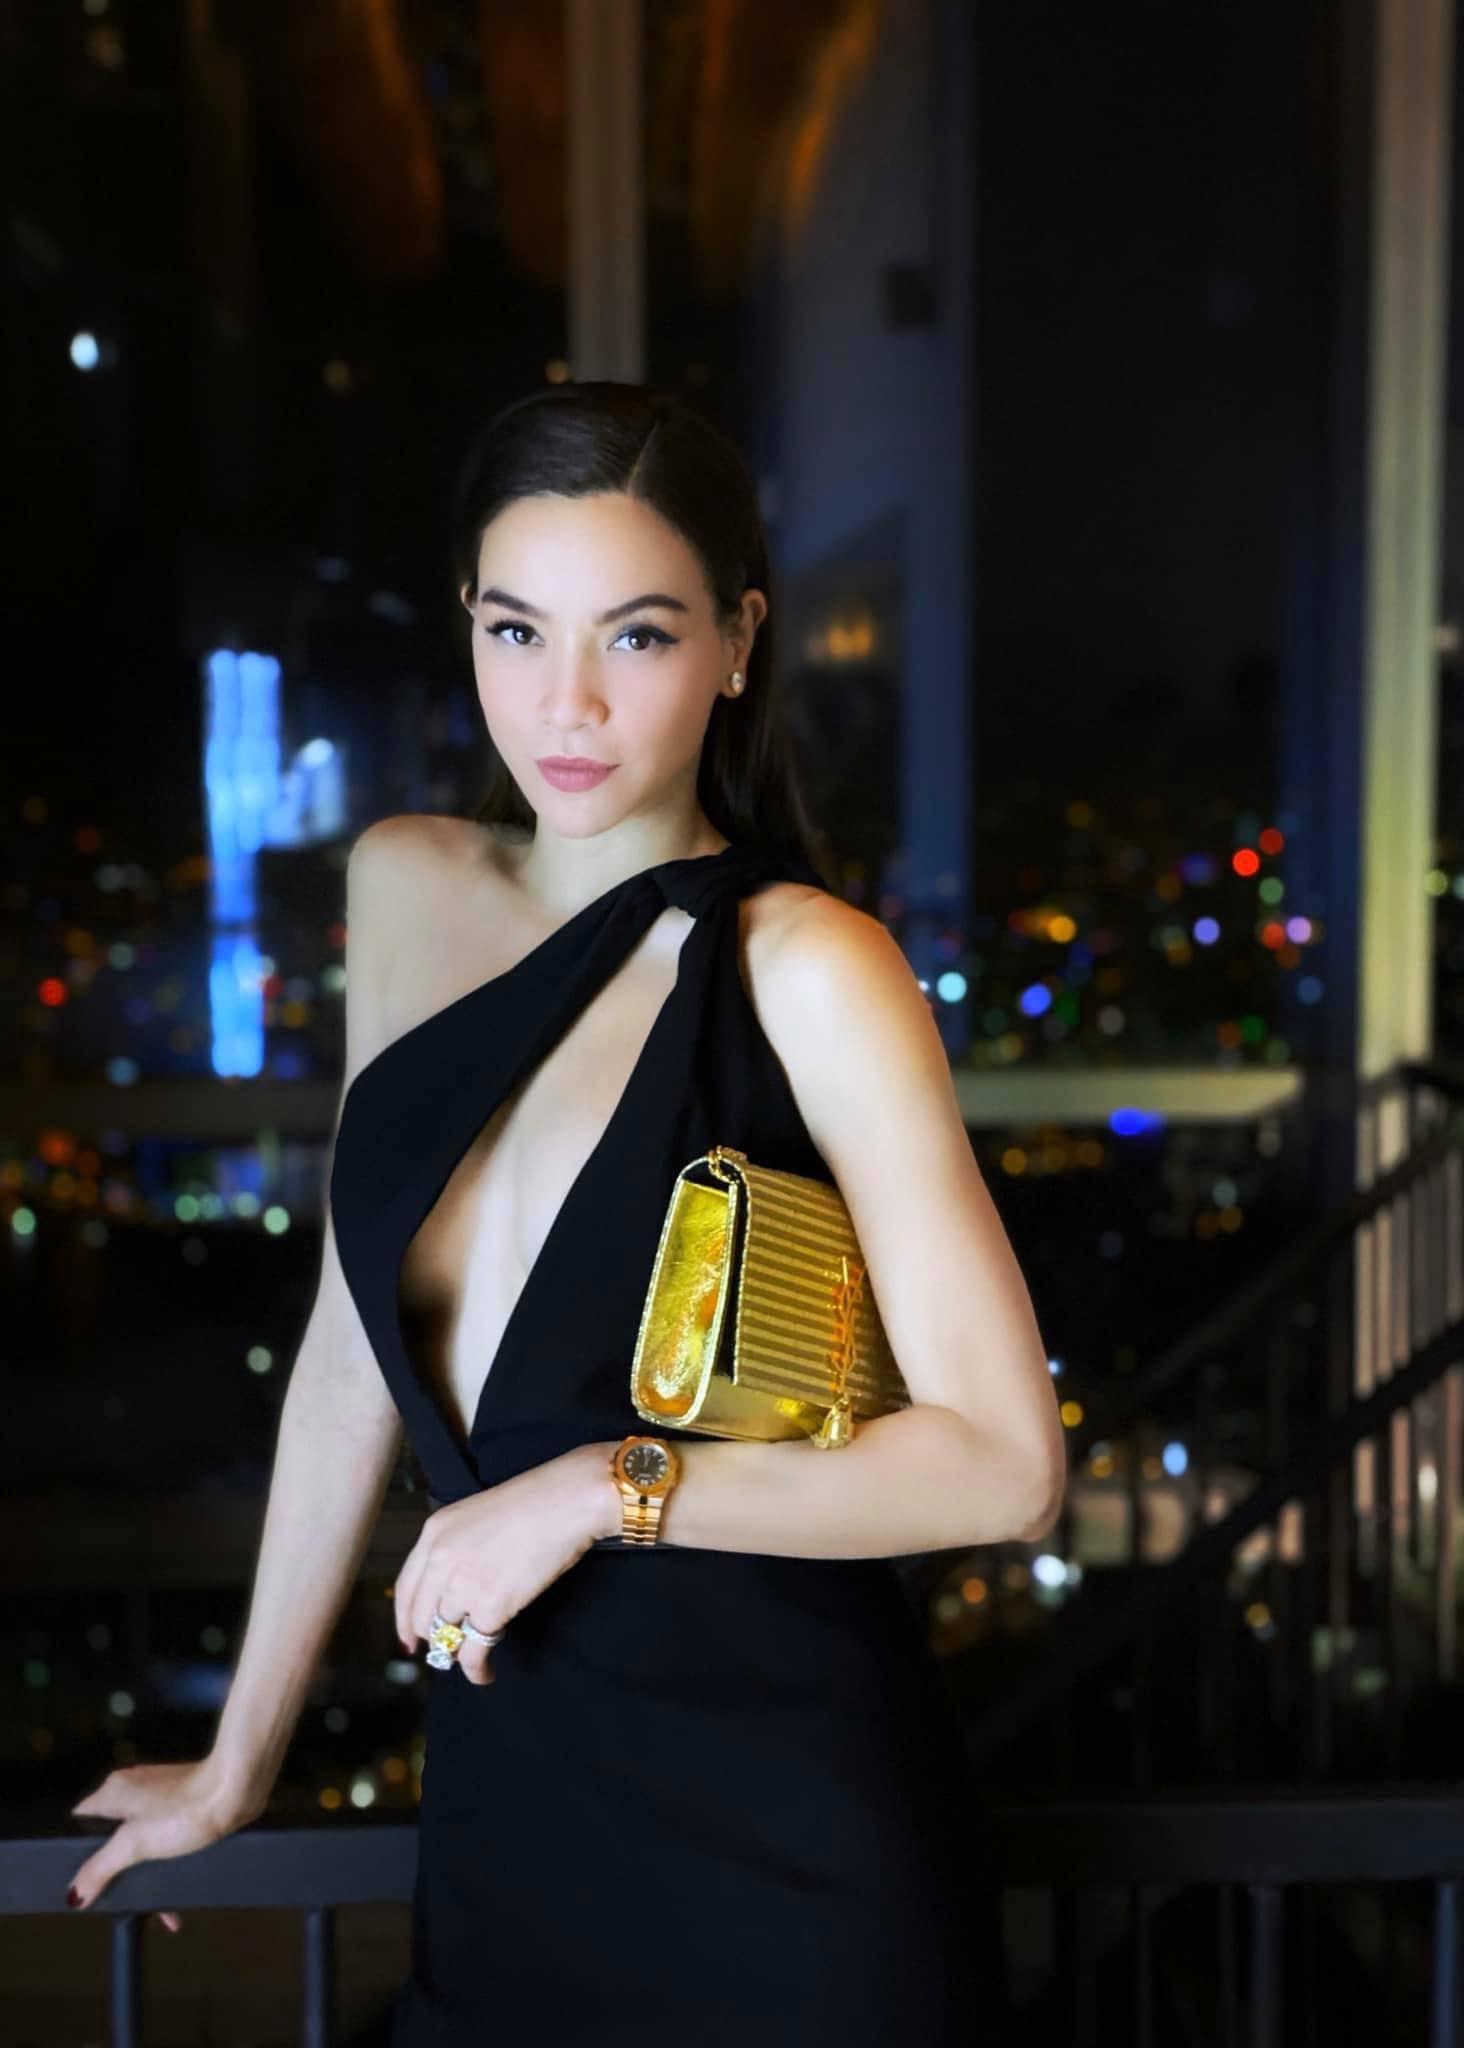 Hồ Ngọc Hà, ngọc nữ dáng đẹp số 1 showbiz